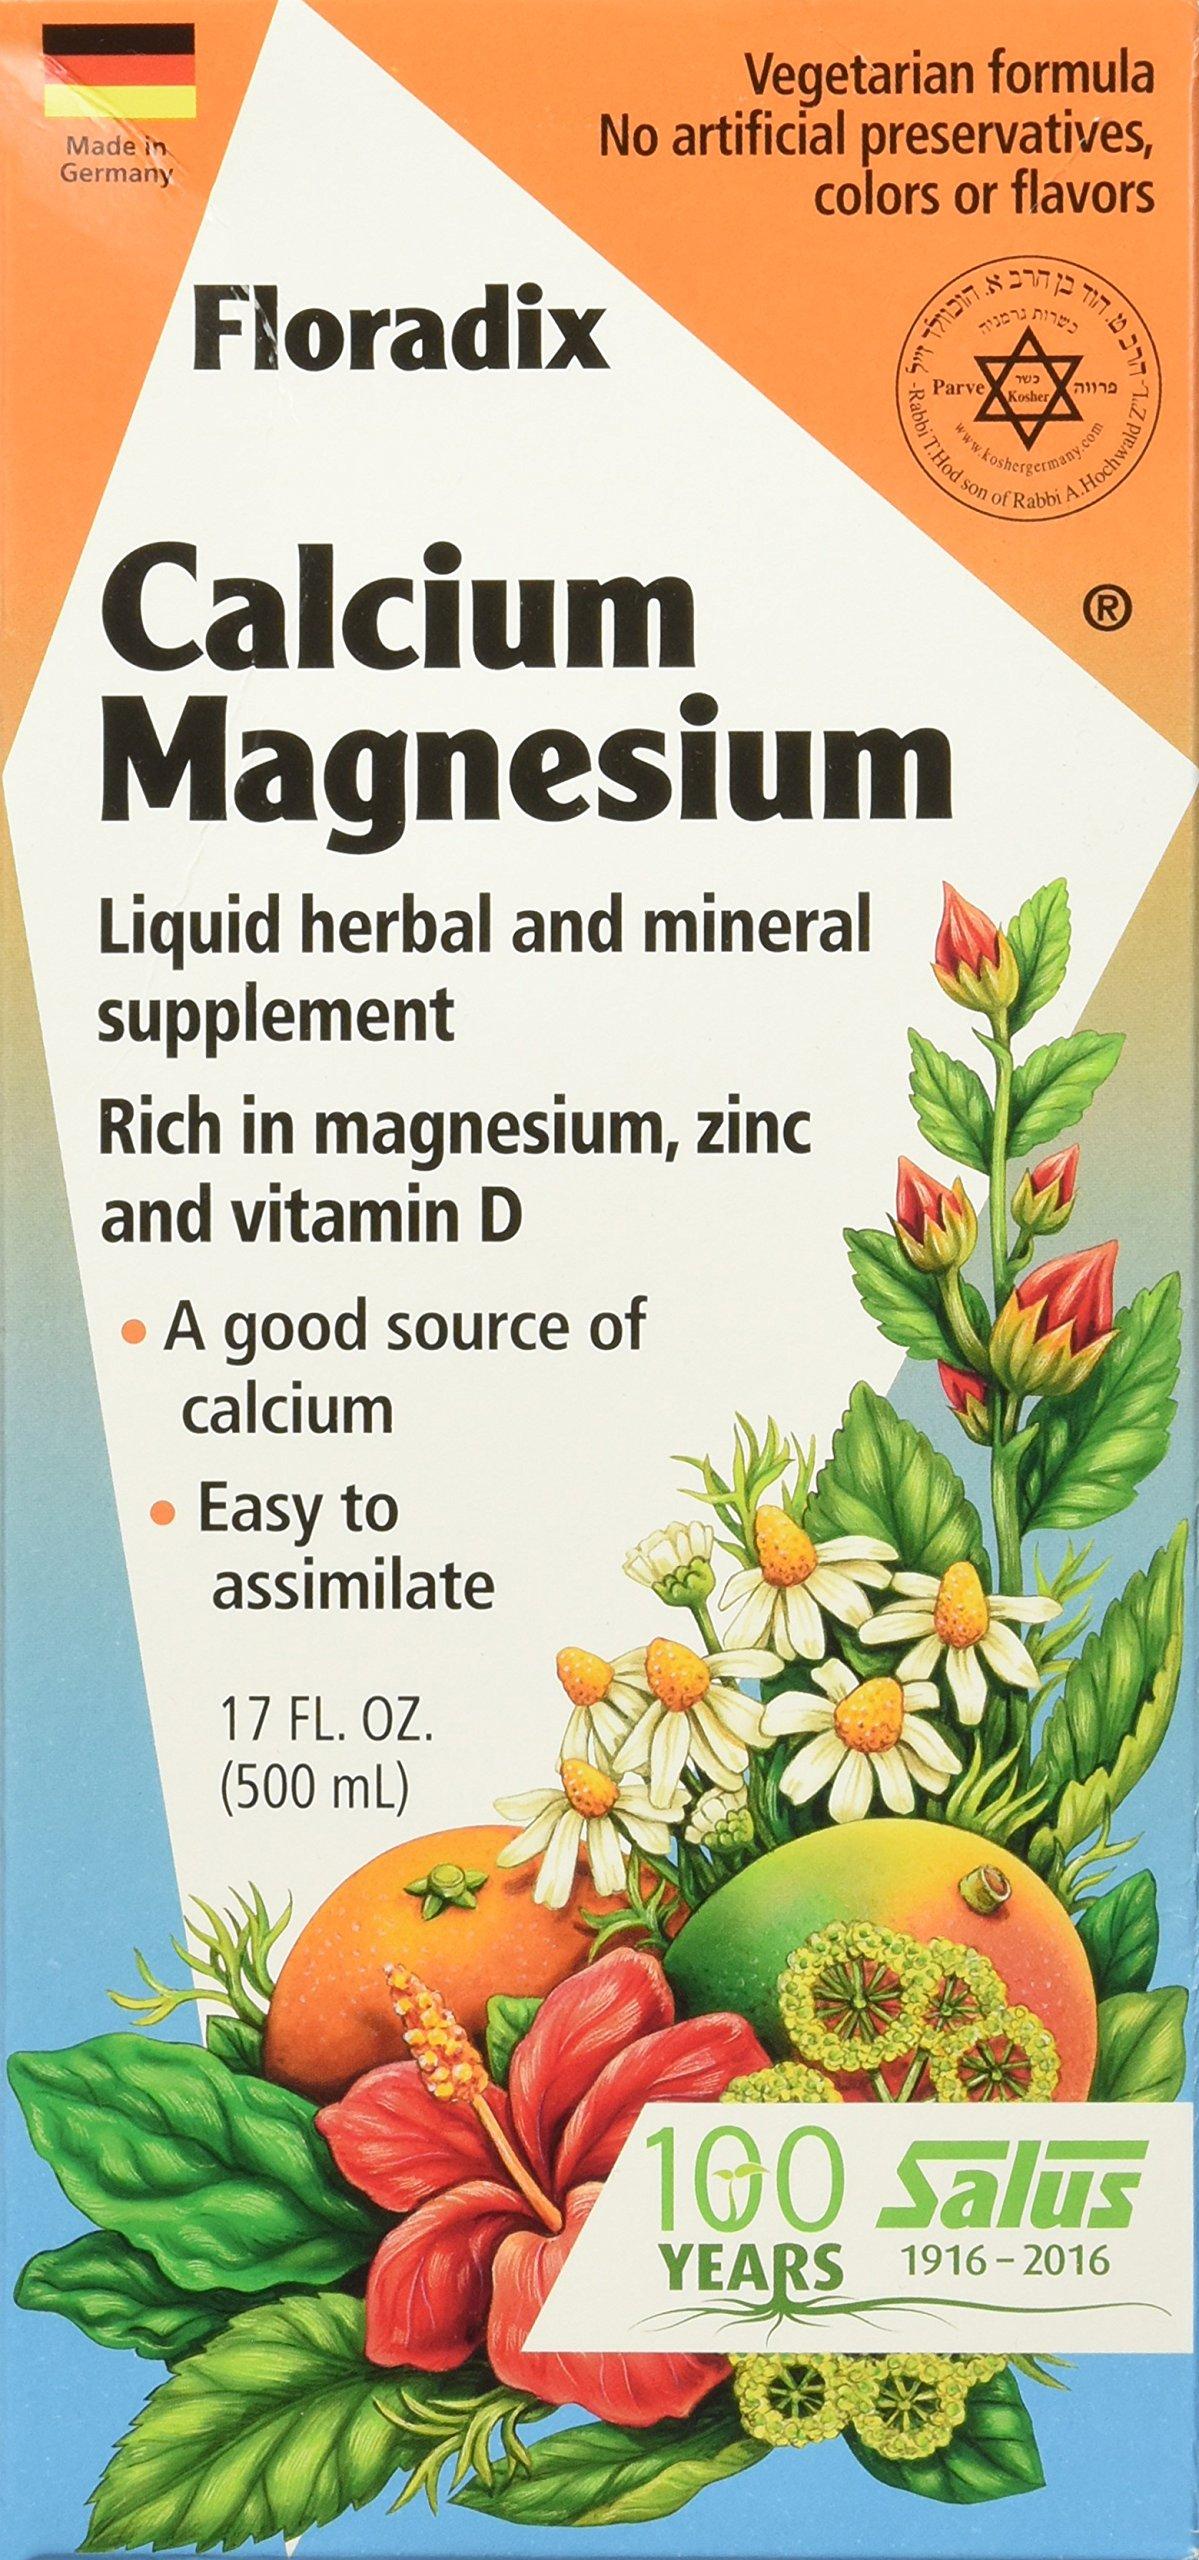 Salus-Haus - Floradix Calcium-Magnesium Liquid - 17 oz